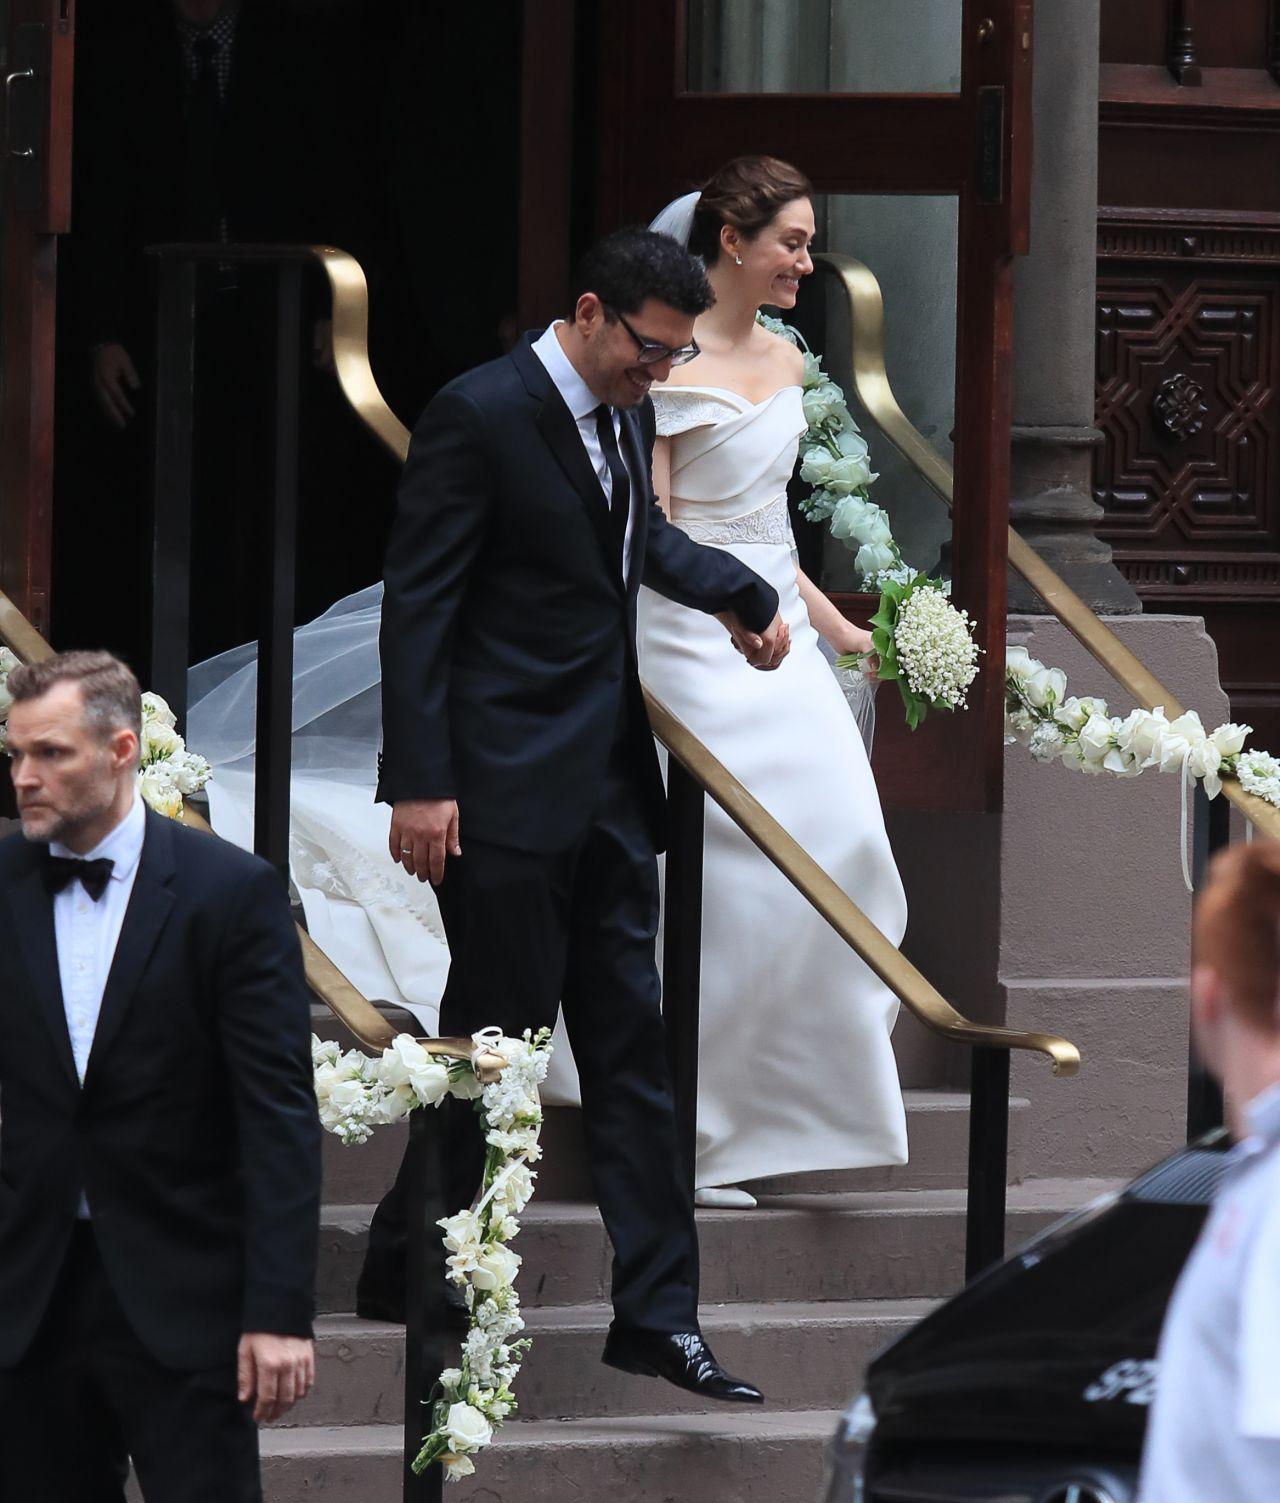 Emmy Rossum Wedding: Emmy Rossum Marries Sam Esmail In New York City 05/28/2017